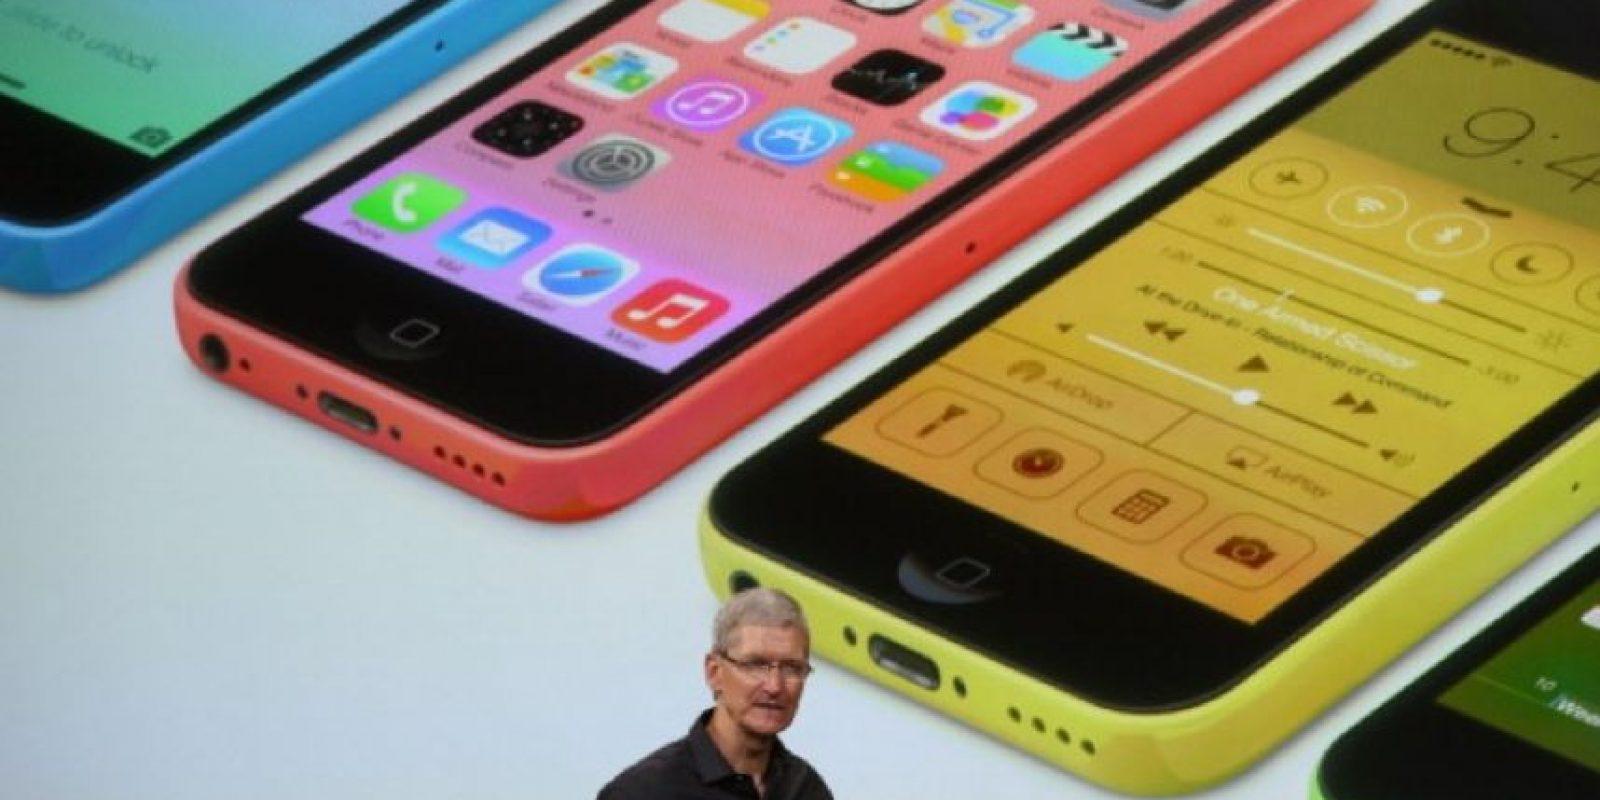 Tim Cook en la presentación del iPhone 5s y iPhone 5c el 10 de septiembre de 2013.